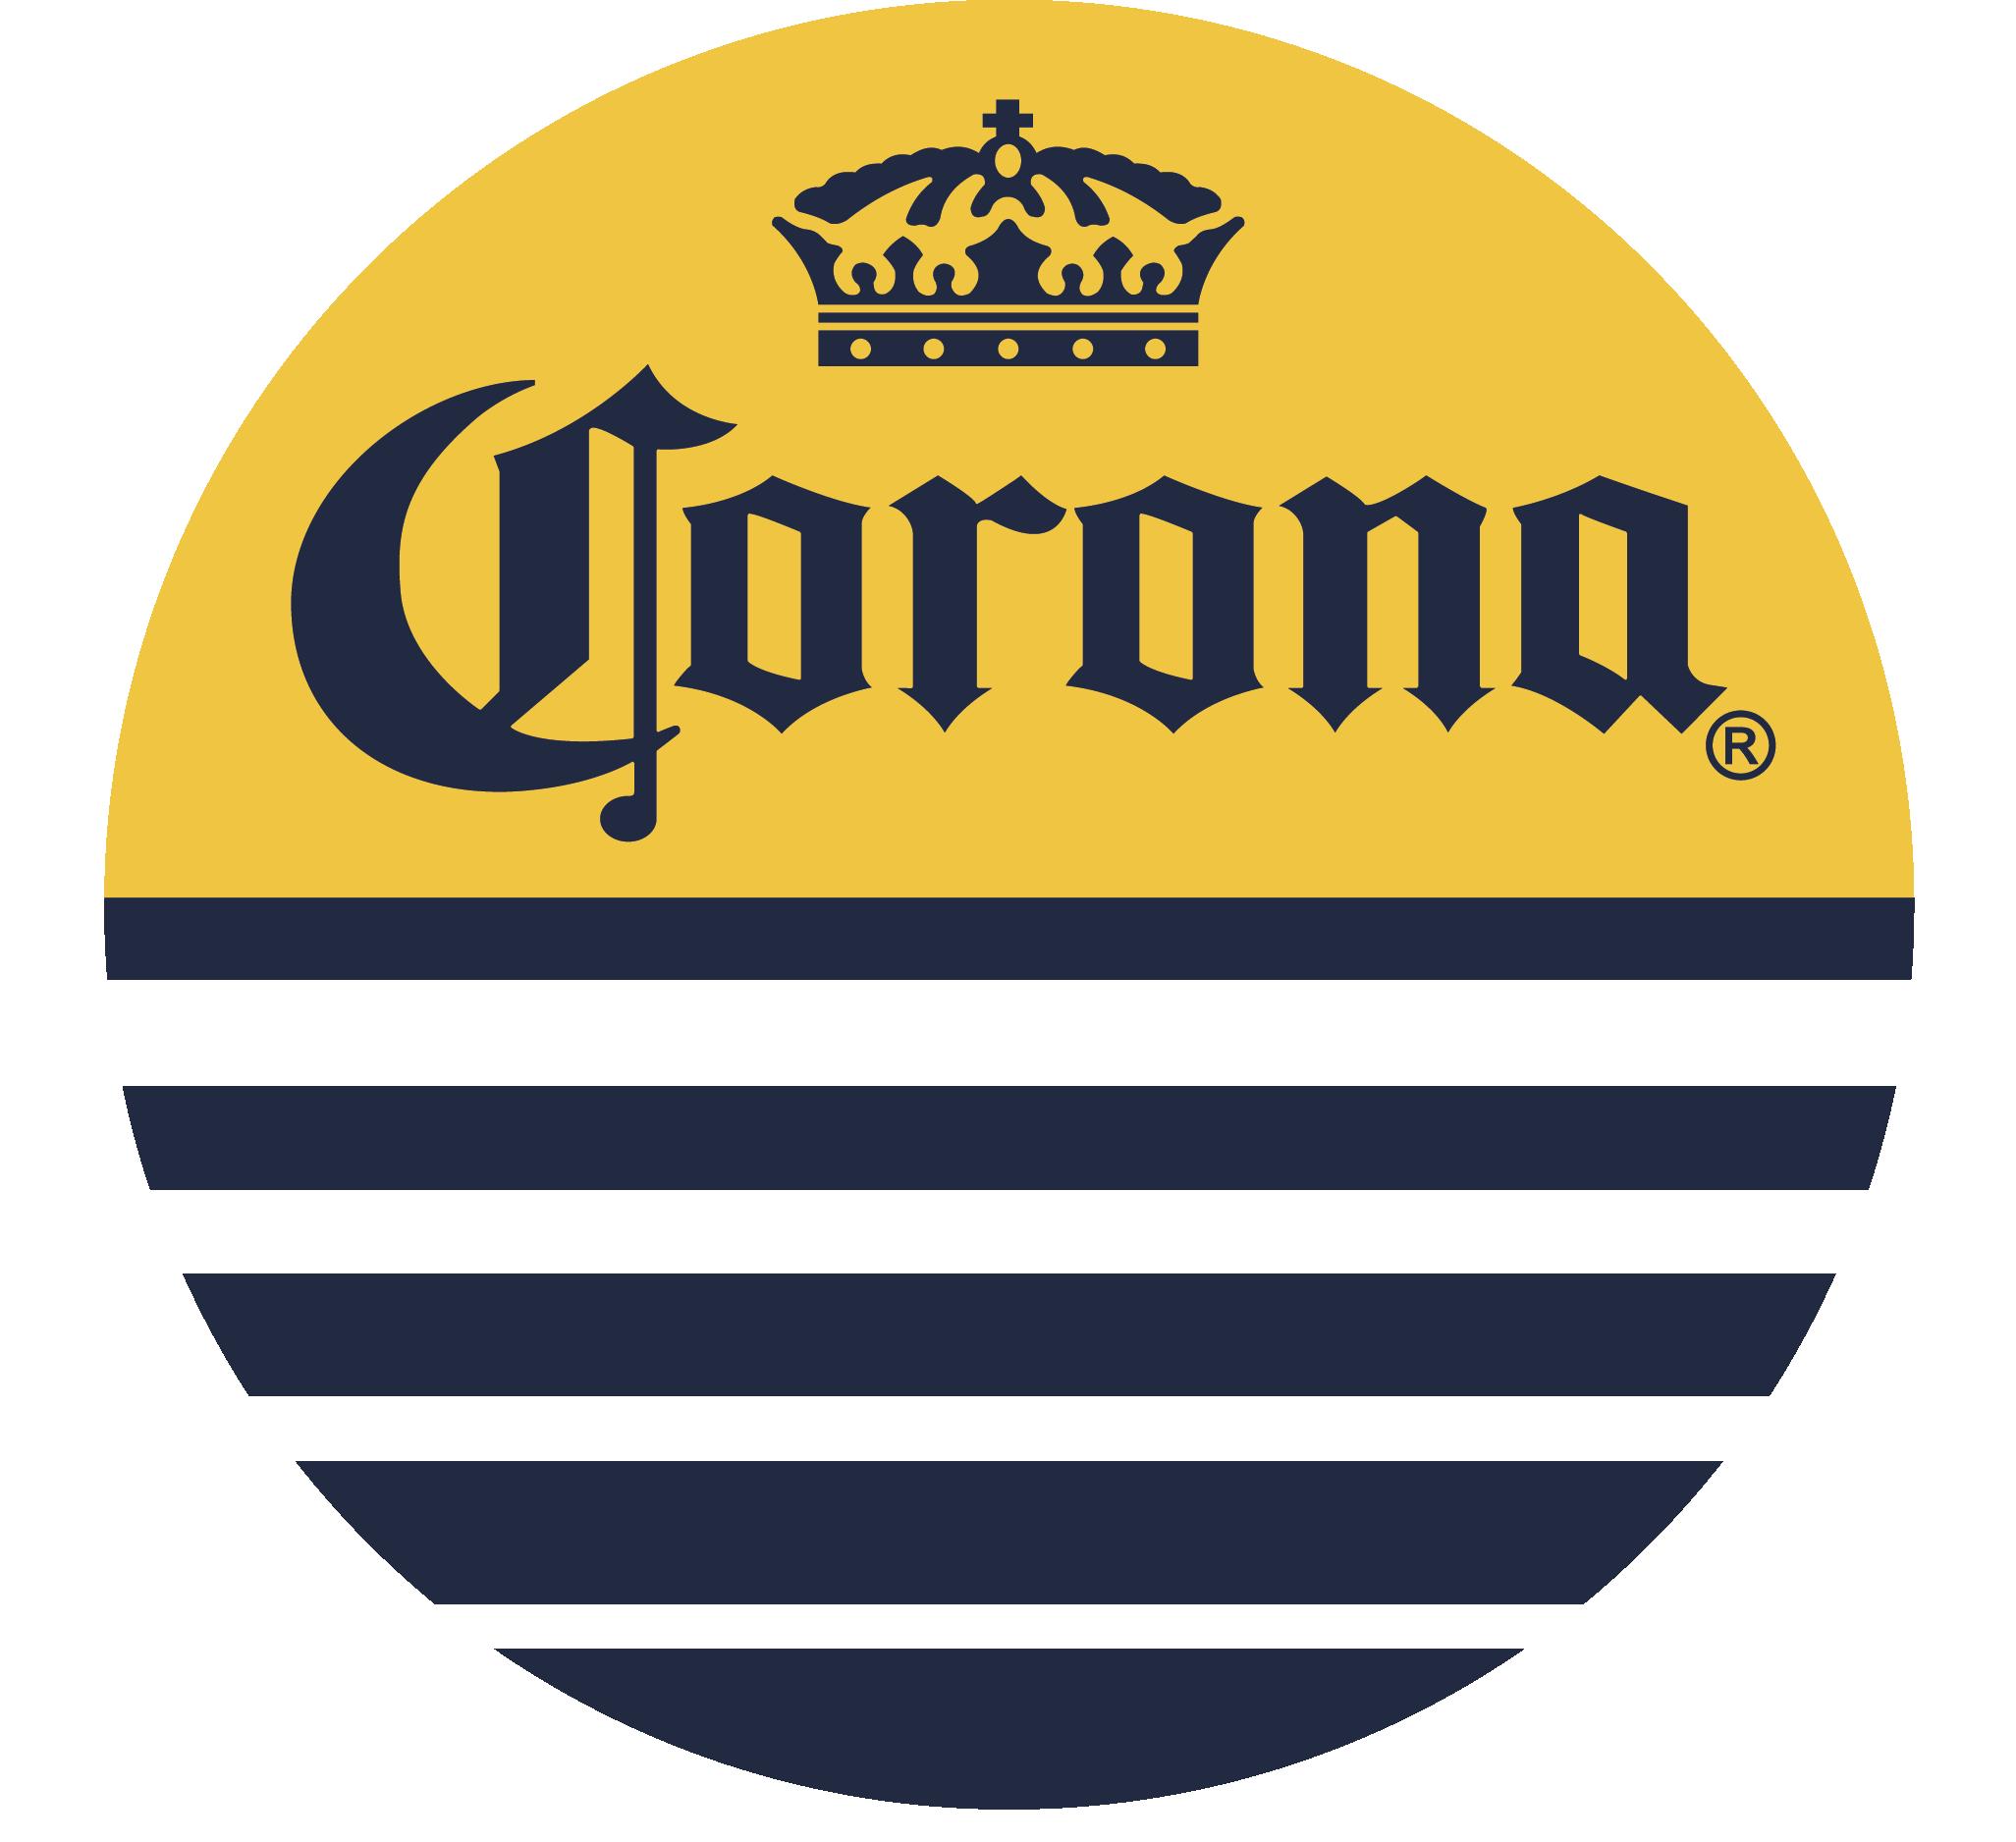 Corona.